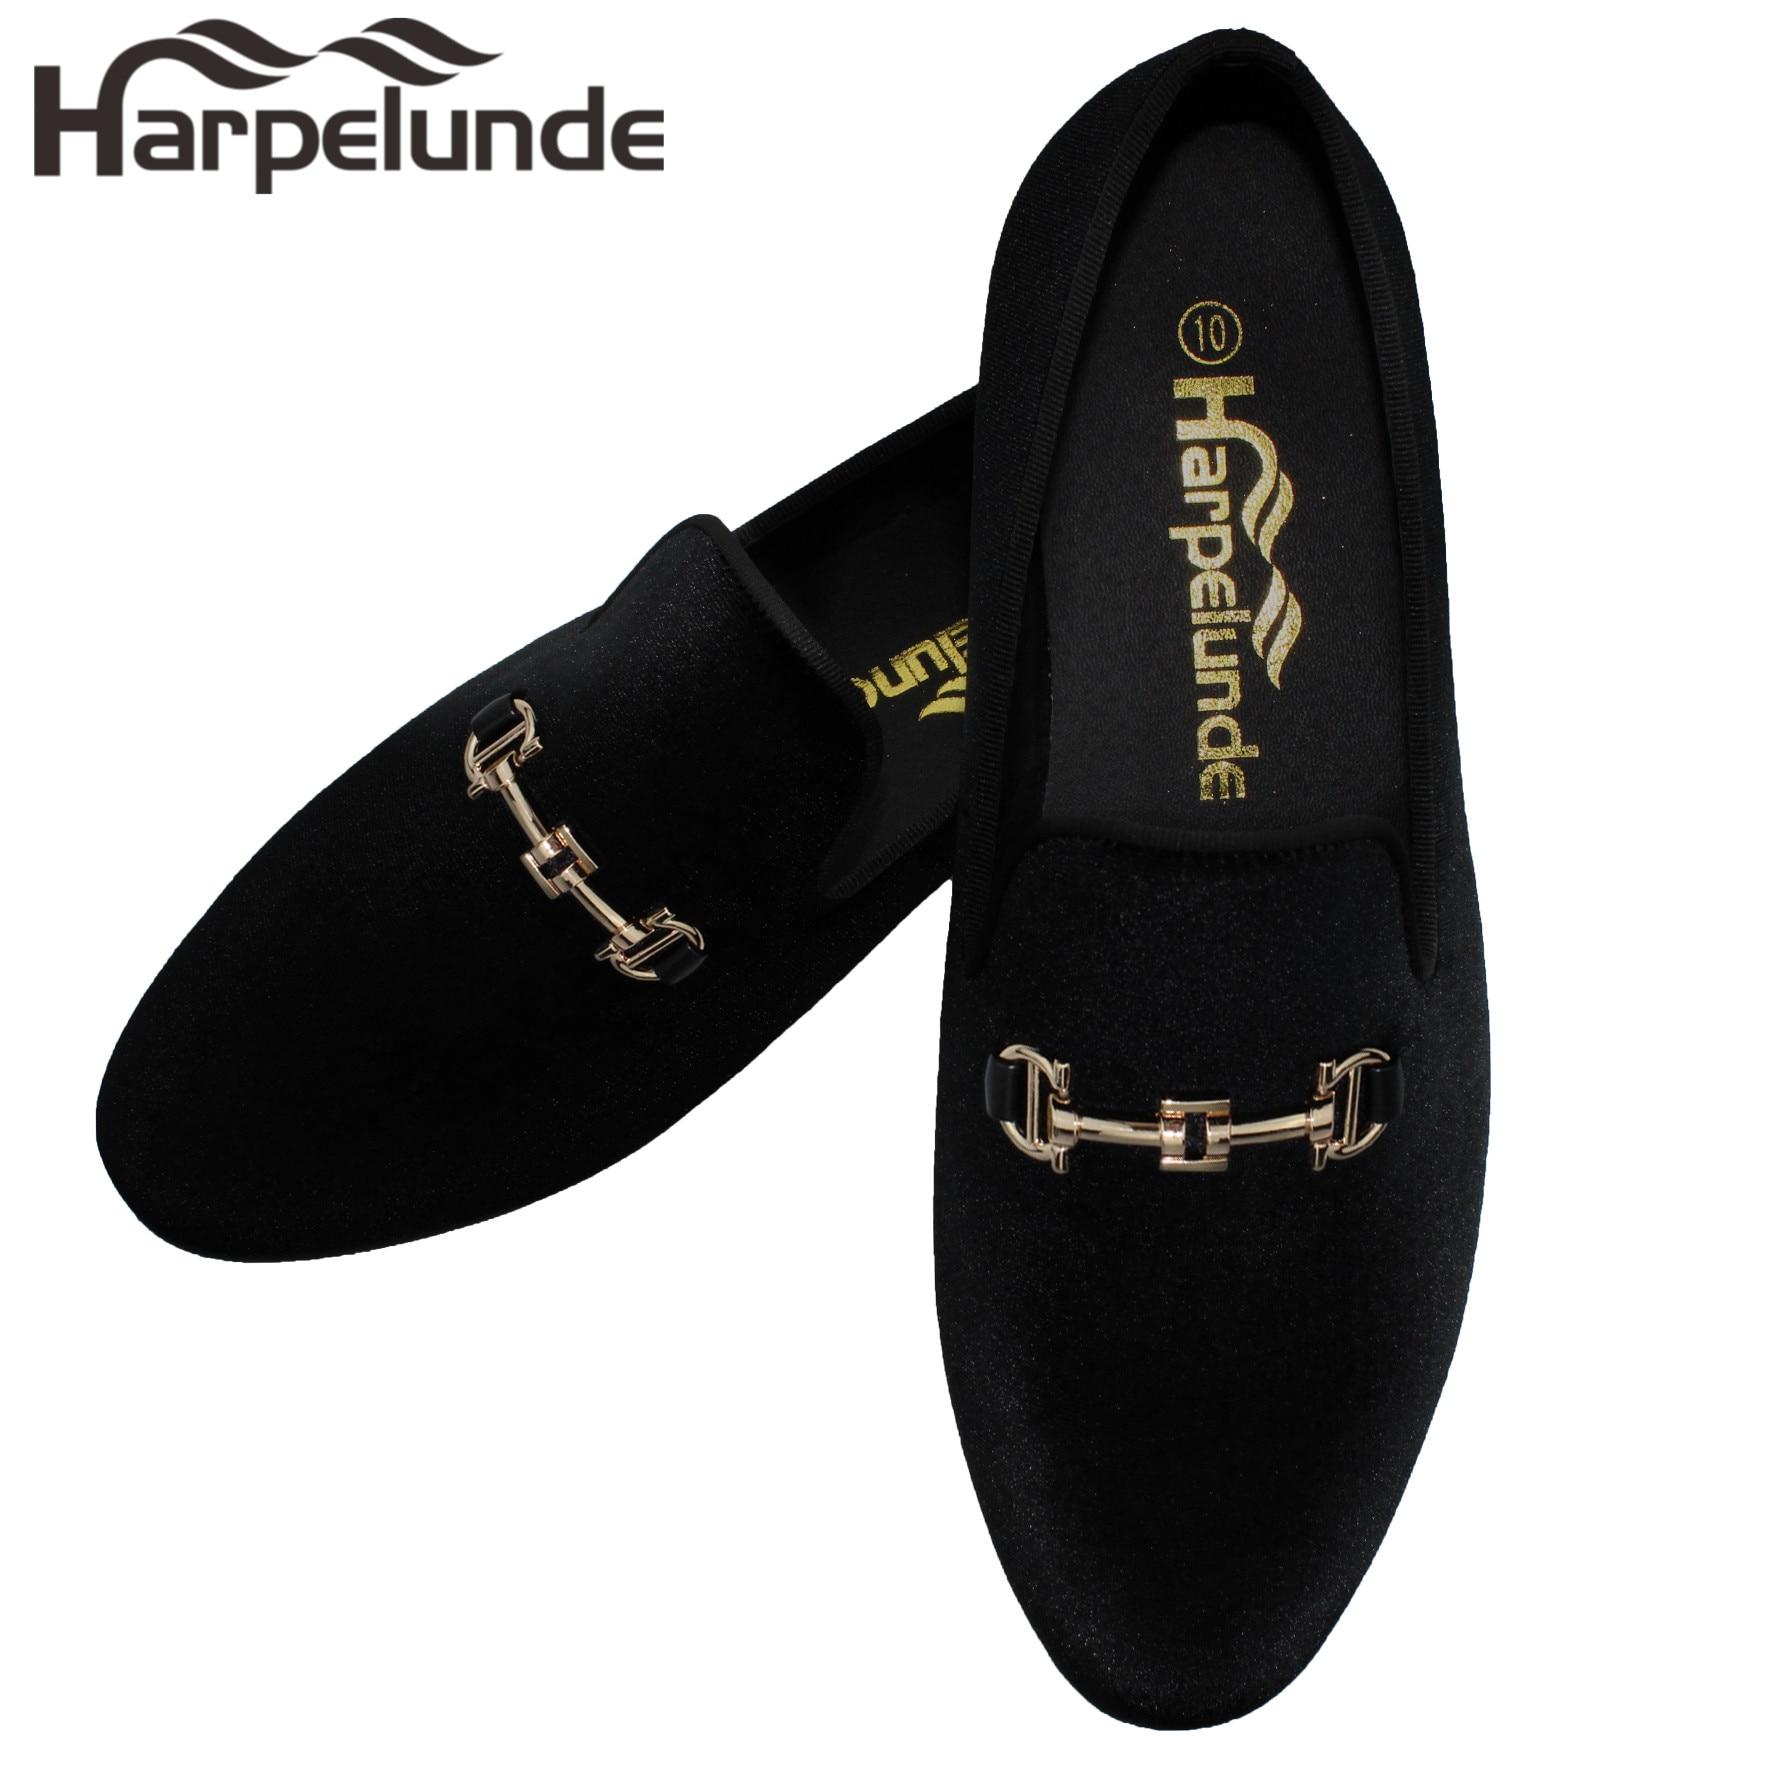 Harpelunde New Arrival Men Dress Shoes Black Velvet Loafers Gold Buckle Flats